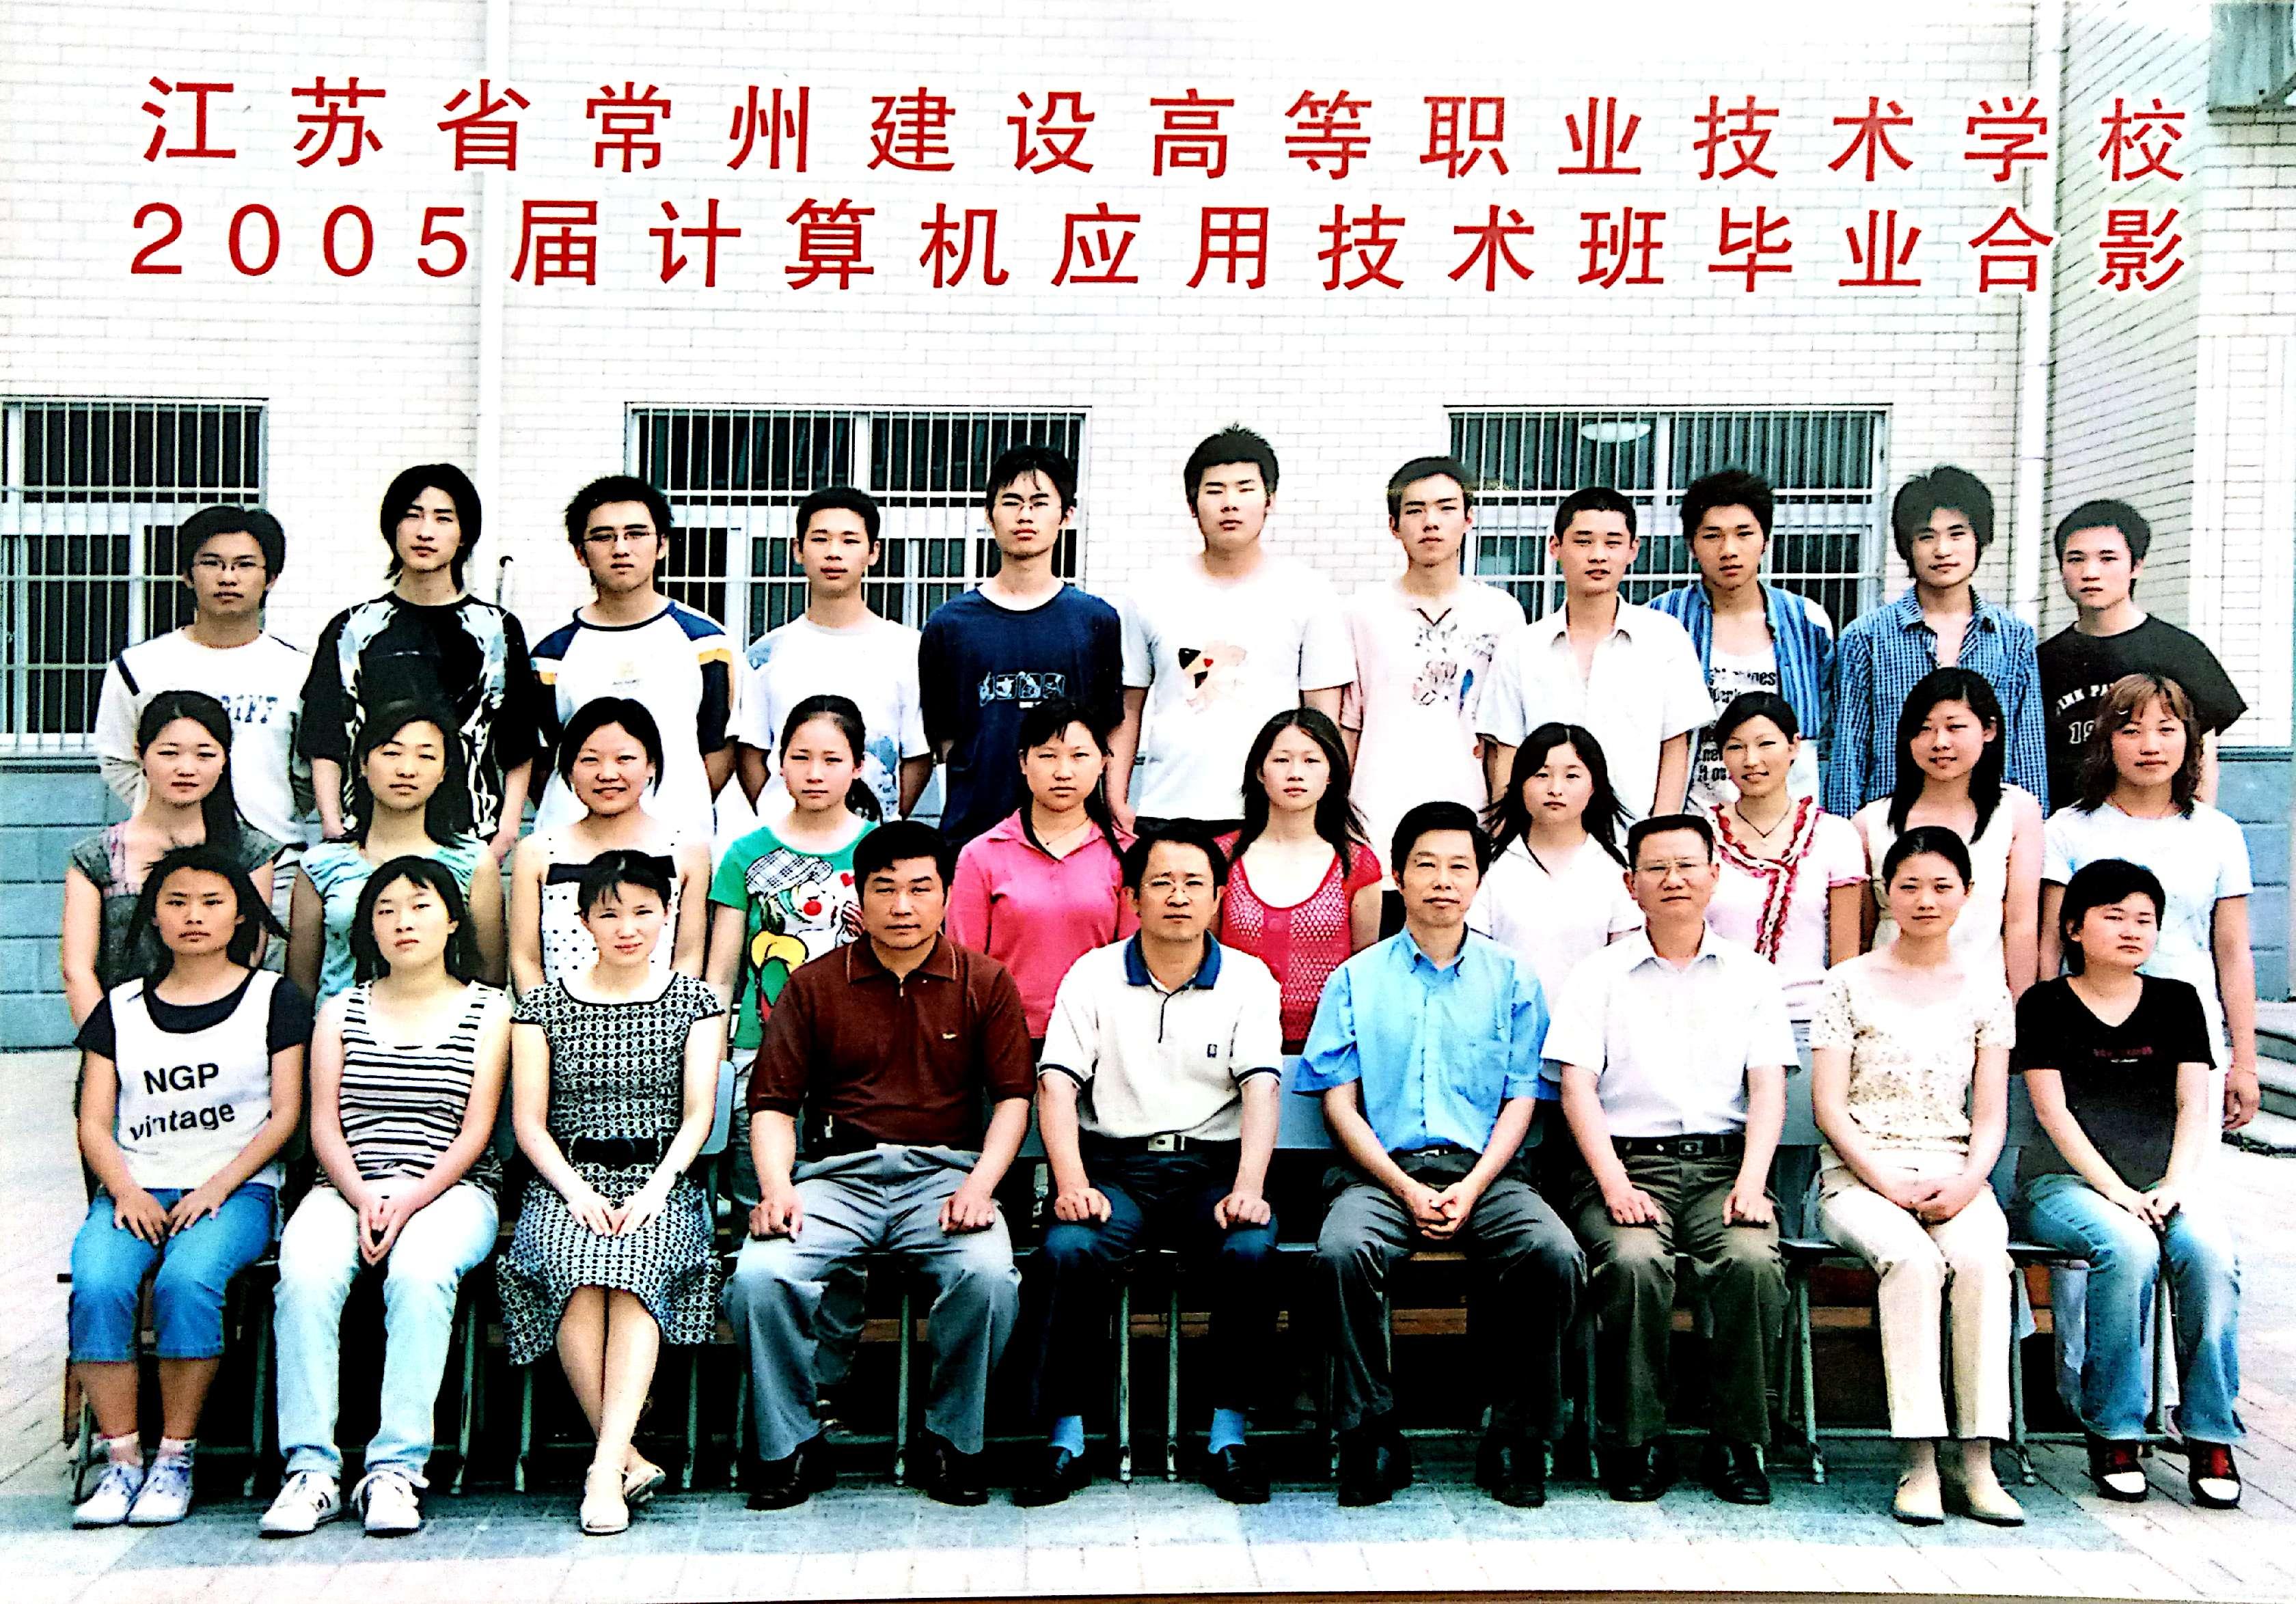 2005届计算机应用技术班毕业合影